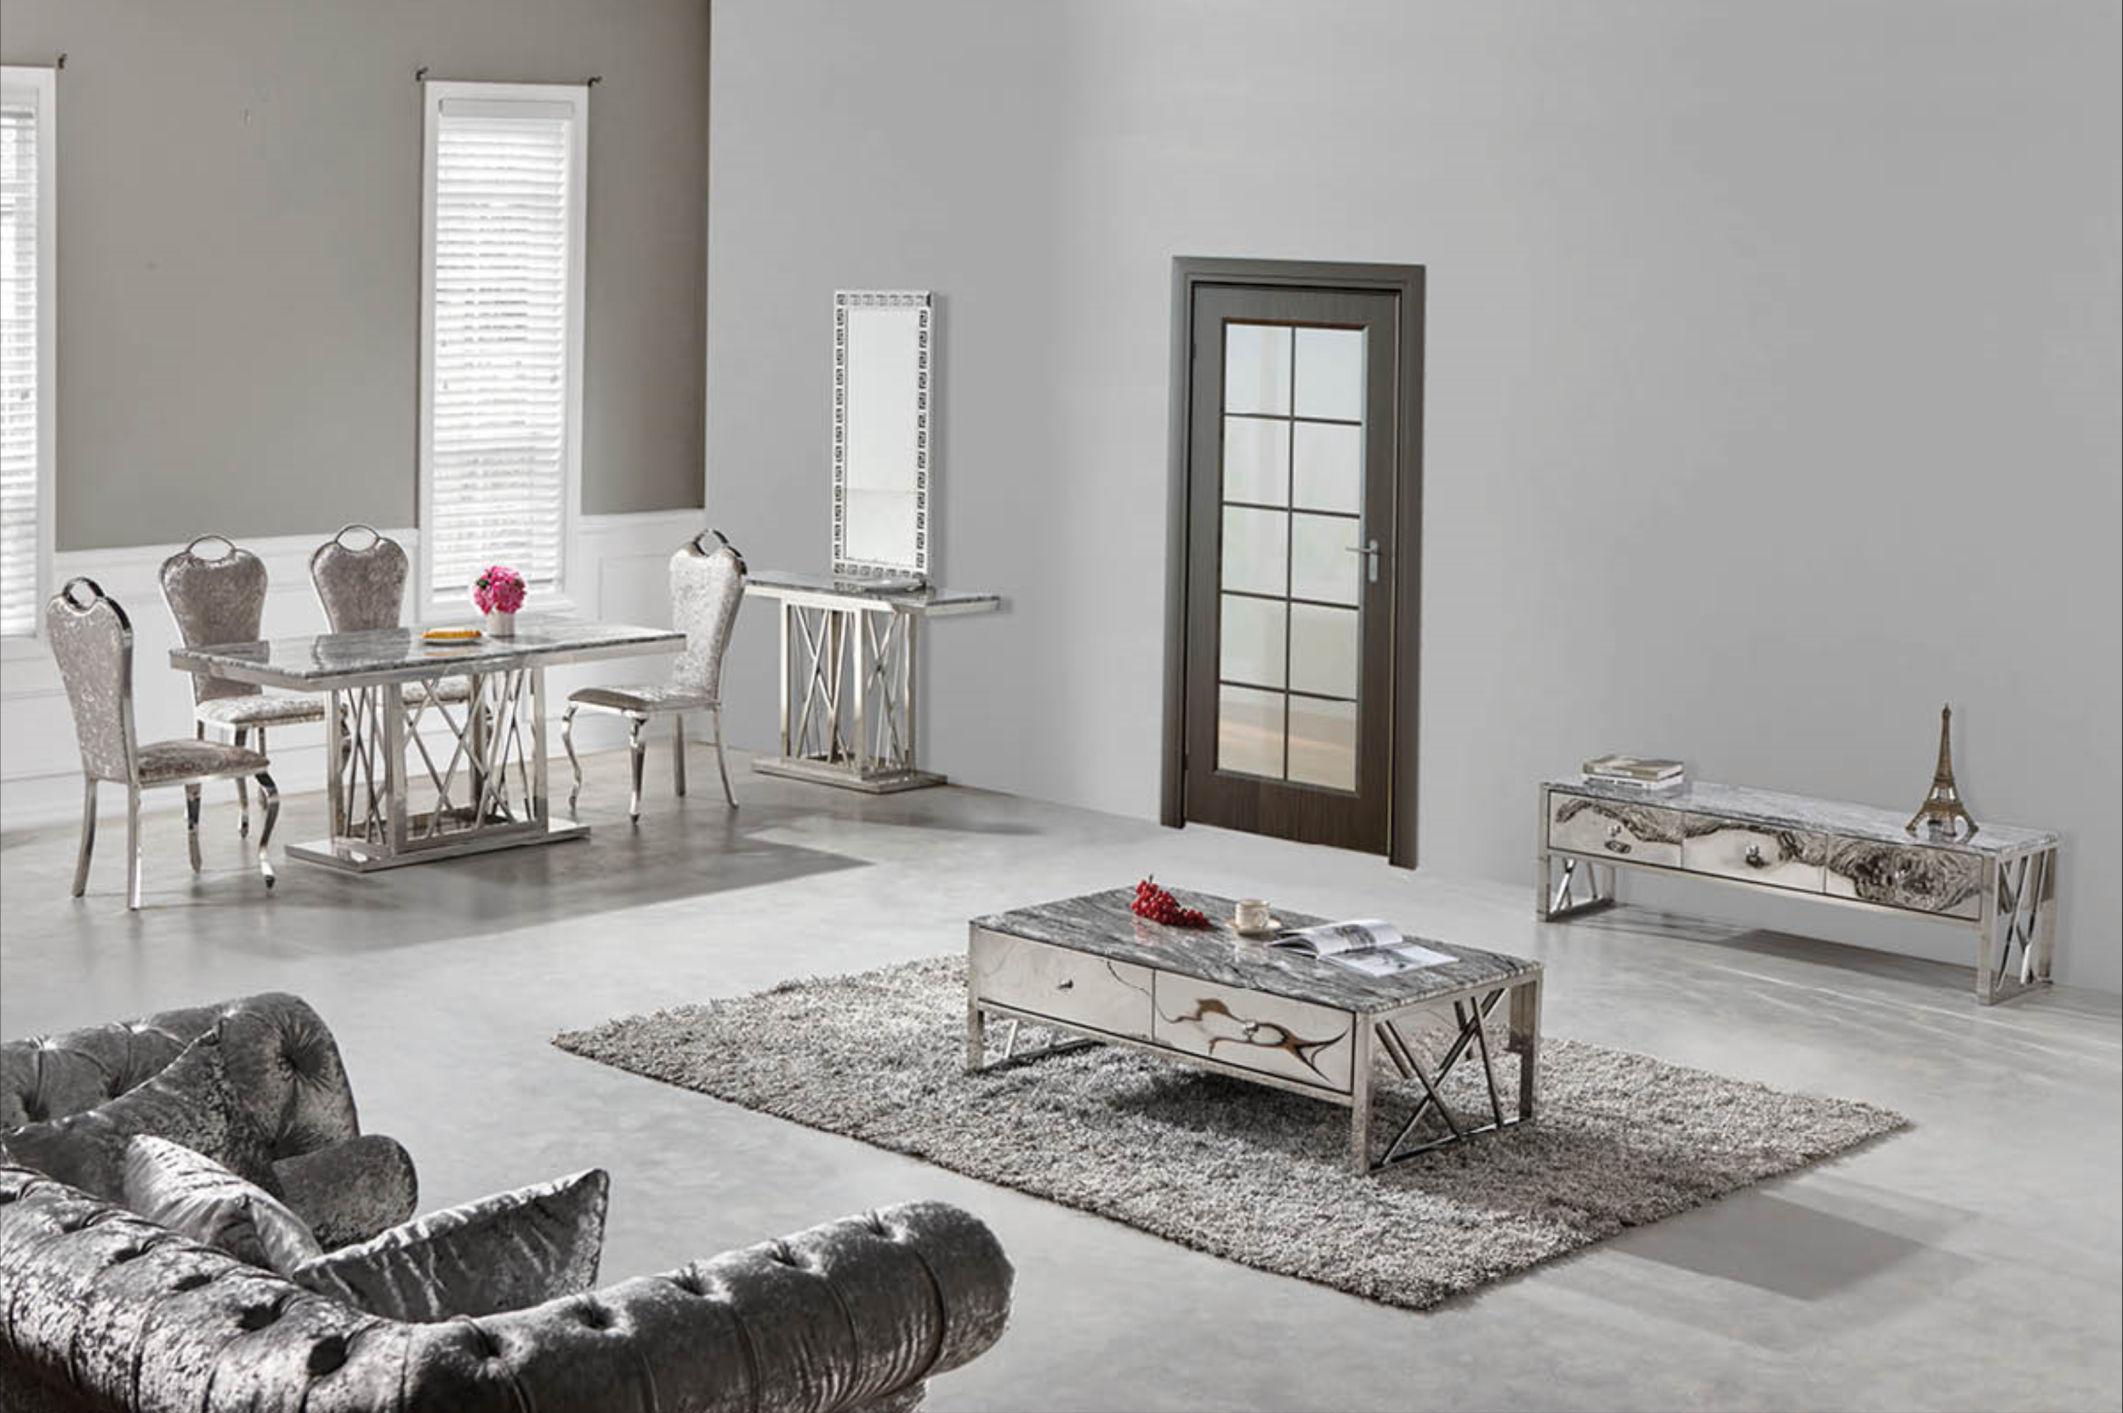 chrom edelstahl silber esstisch 160 x 90 cm glas marmor. Black Bedroom Furniture Sets. Home Design Ideas